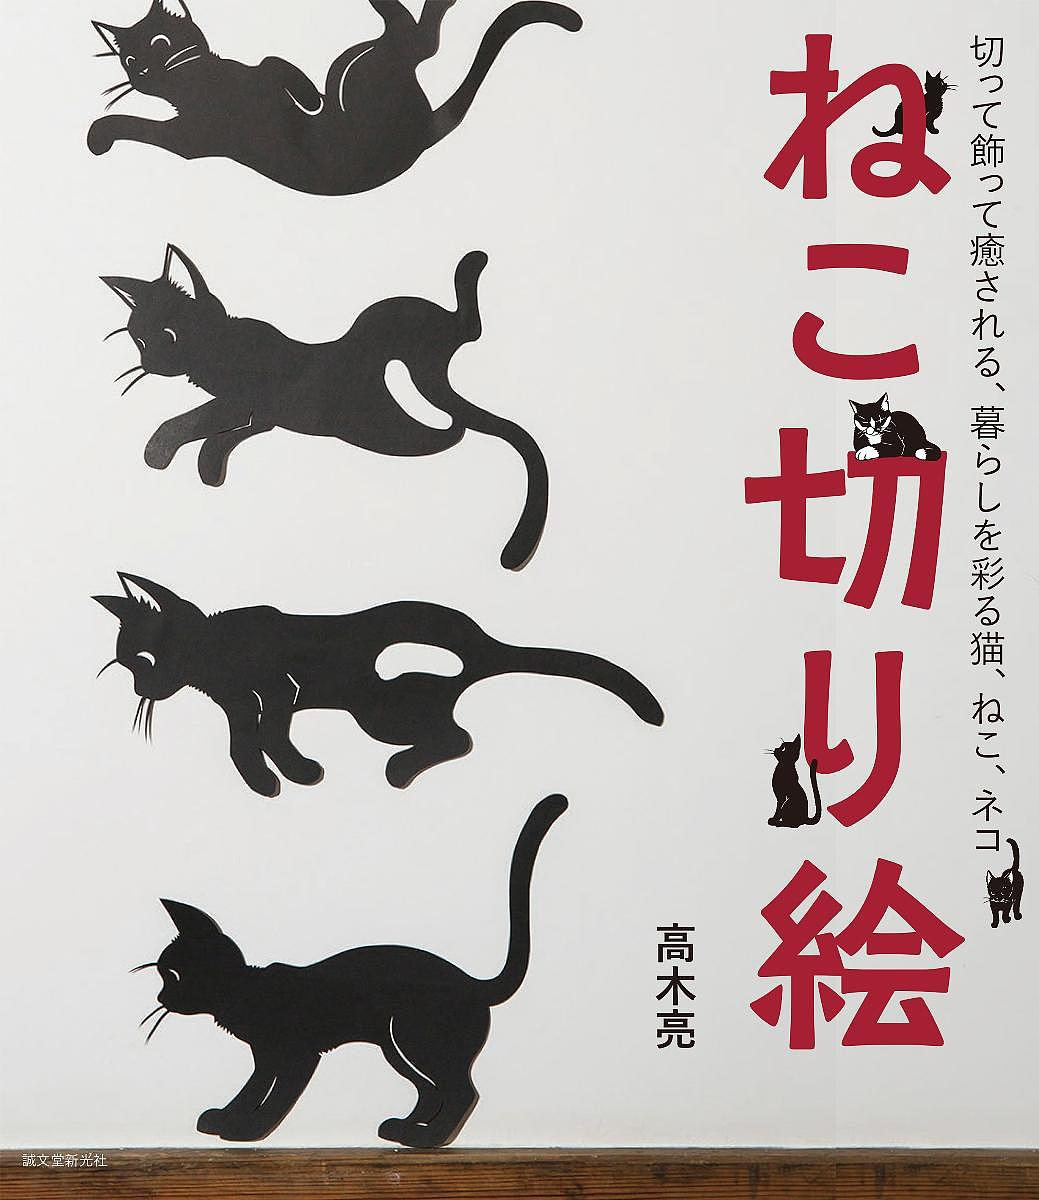 【店内全品5倍】ねこ切り絵 切って飾って癒される、暮らしを彩る猫、ねこ、ネコ/高木亮【3000円以上送料無料】